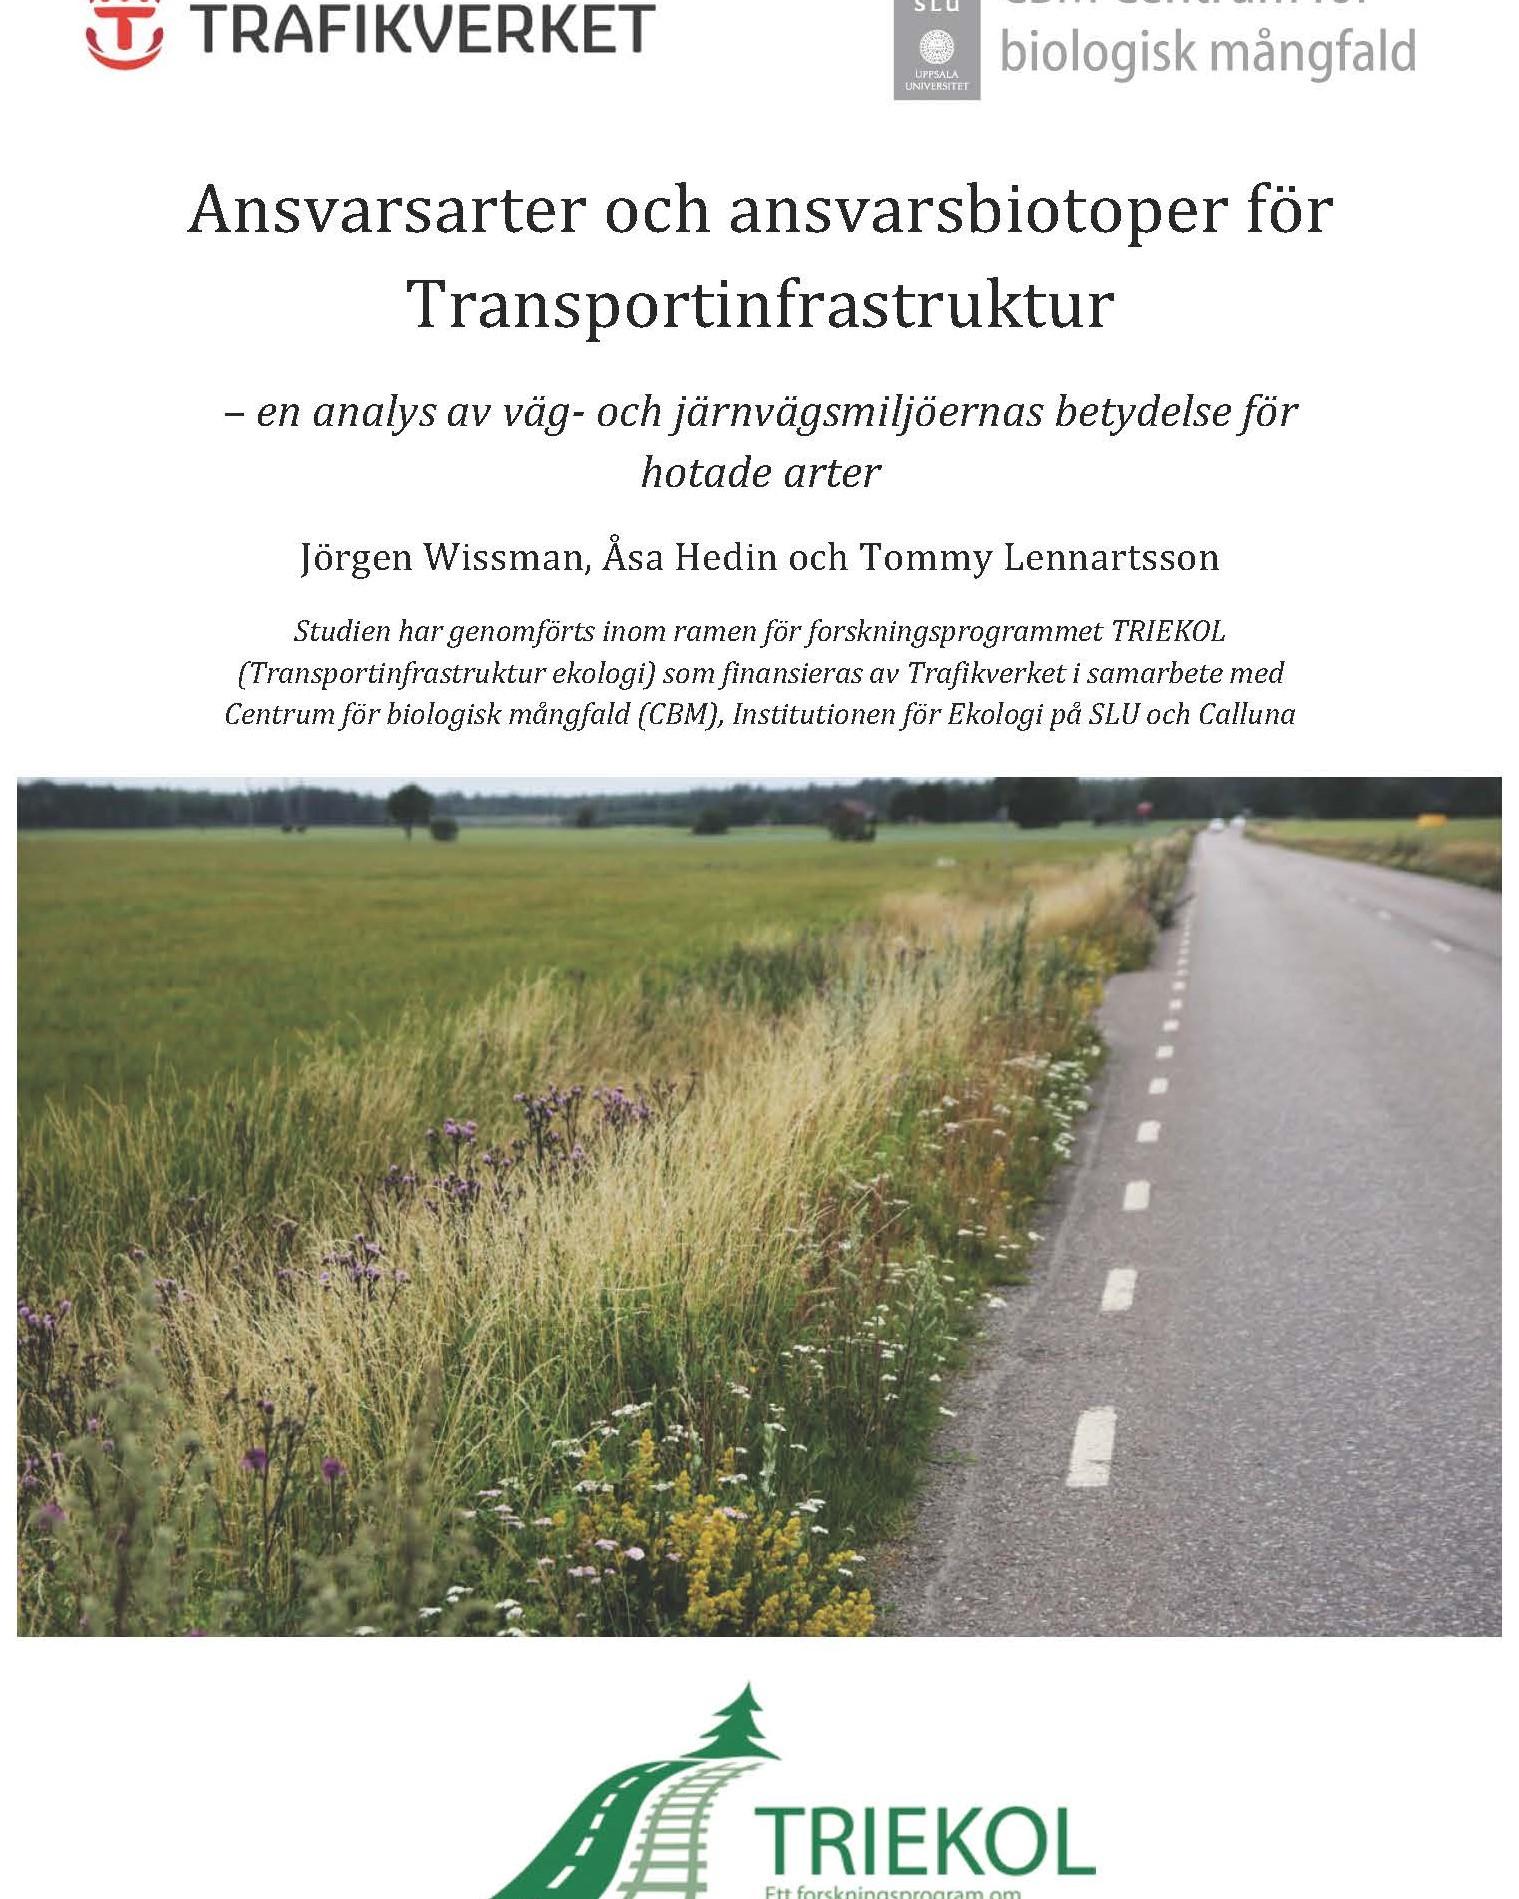 Ansvarsarter och ansvarsbiotoper för Transportinfrastruktur. Trafikverket